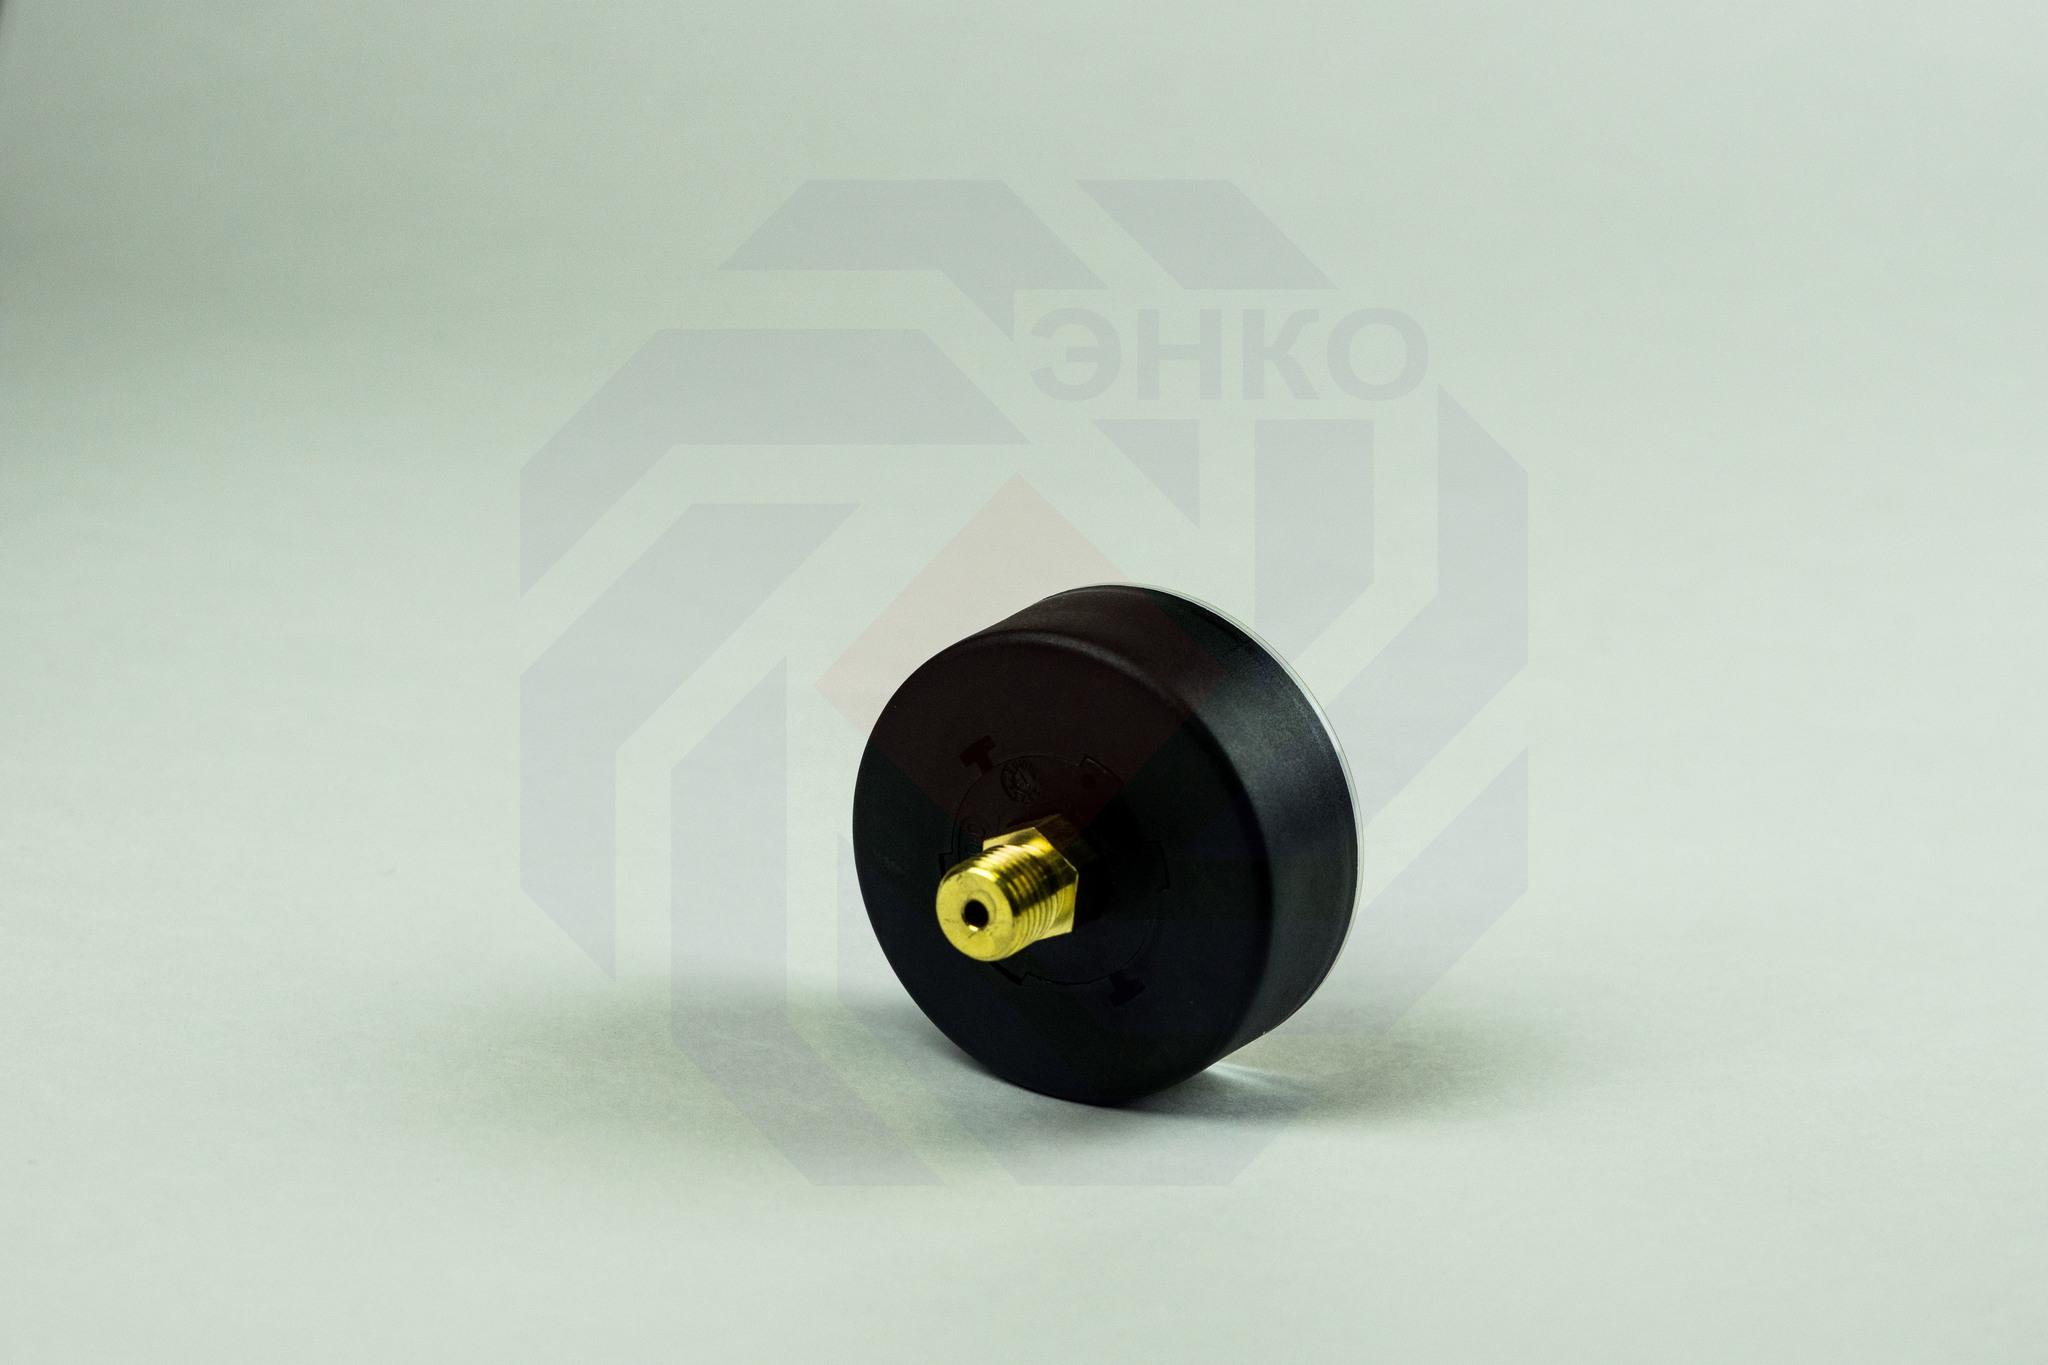 Манометр аксиальный WATTS MDA 63/10 (F+R100) 0-10 бар 63 мм ¼